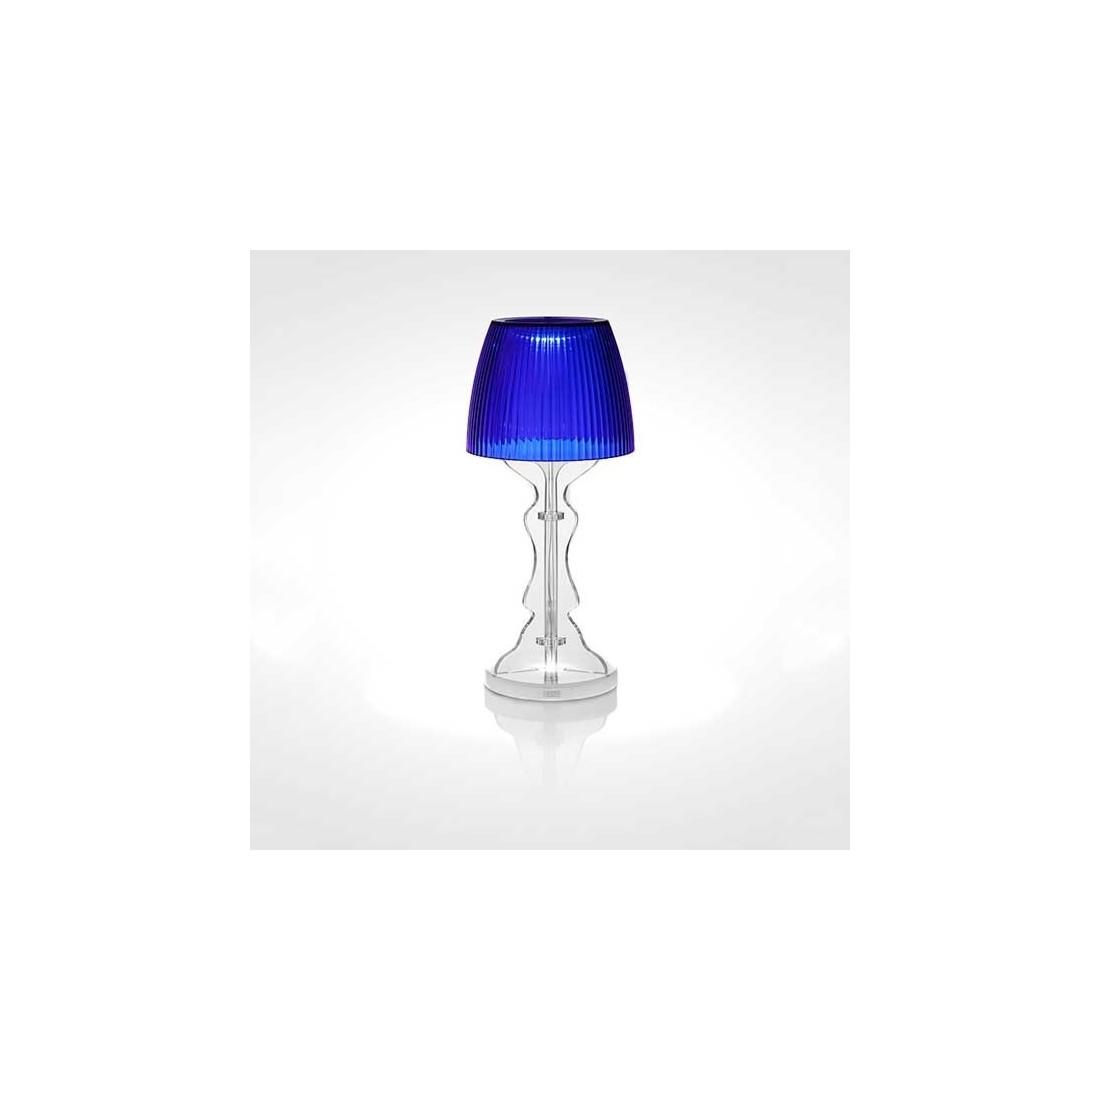 lampe sans fil lady led vesta. Black Bedroom Furniture Sets. Home Design Ideas